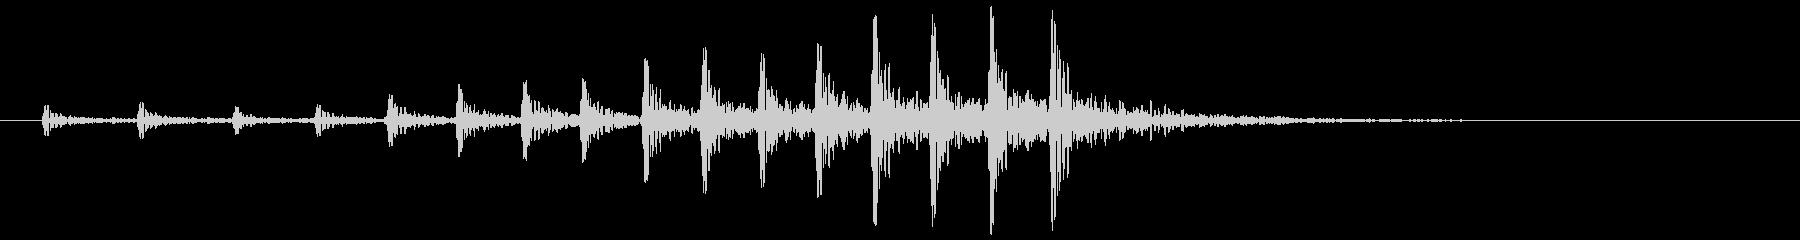 パーカッション-ドラマチックなバスドラムの未再生の波形